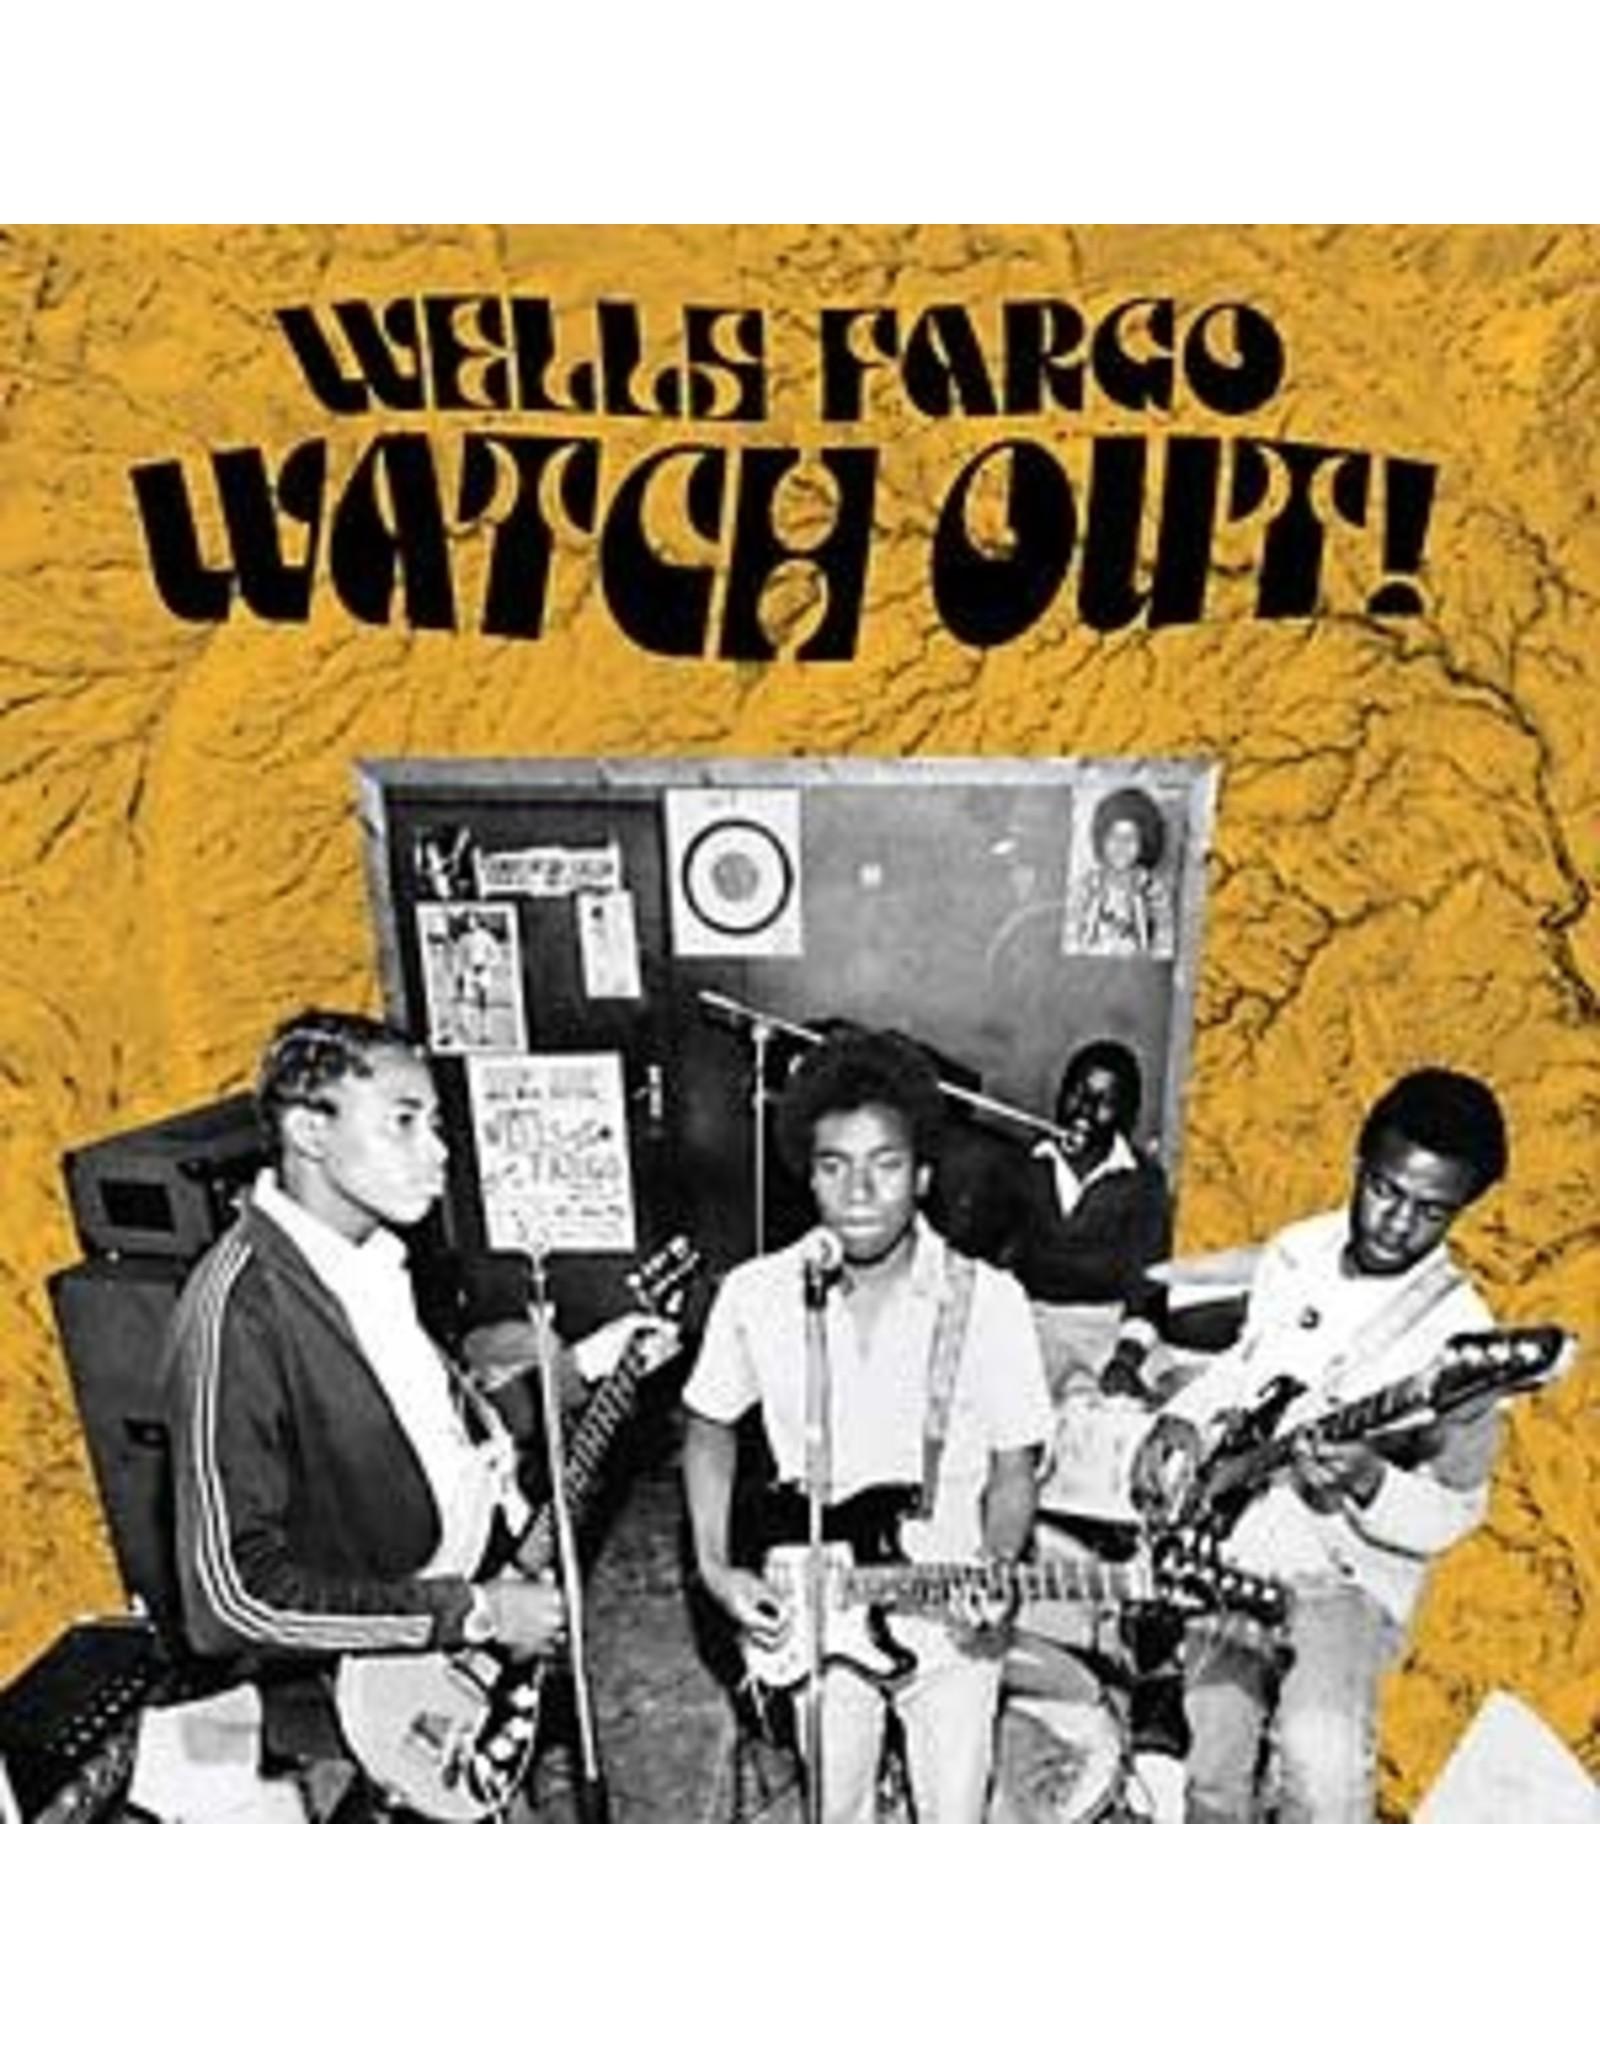 New Vinyl Wells Fargo - Watch Out LP